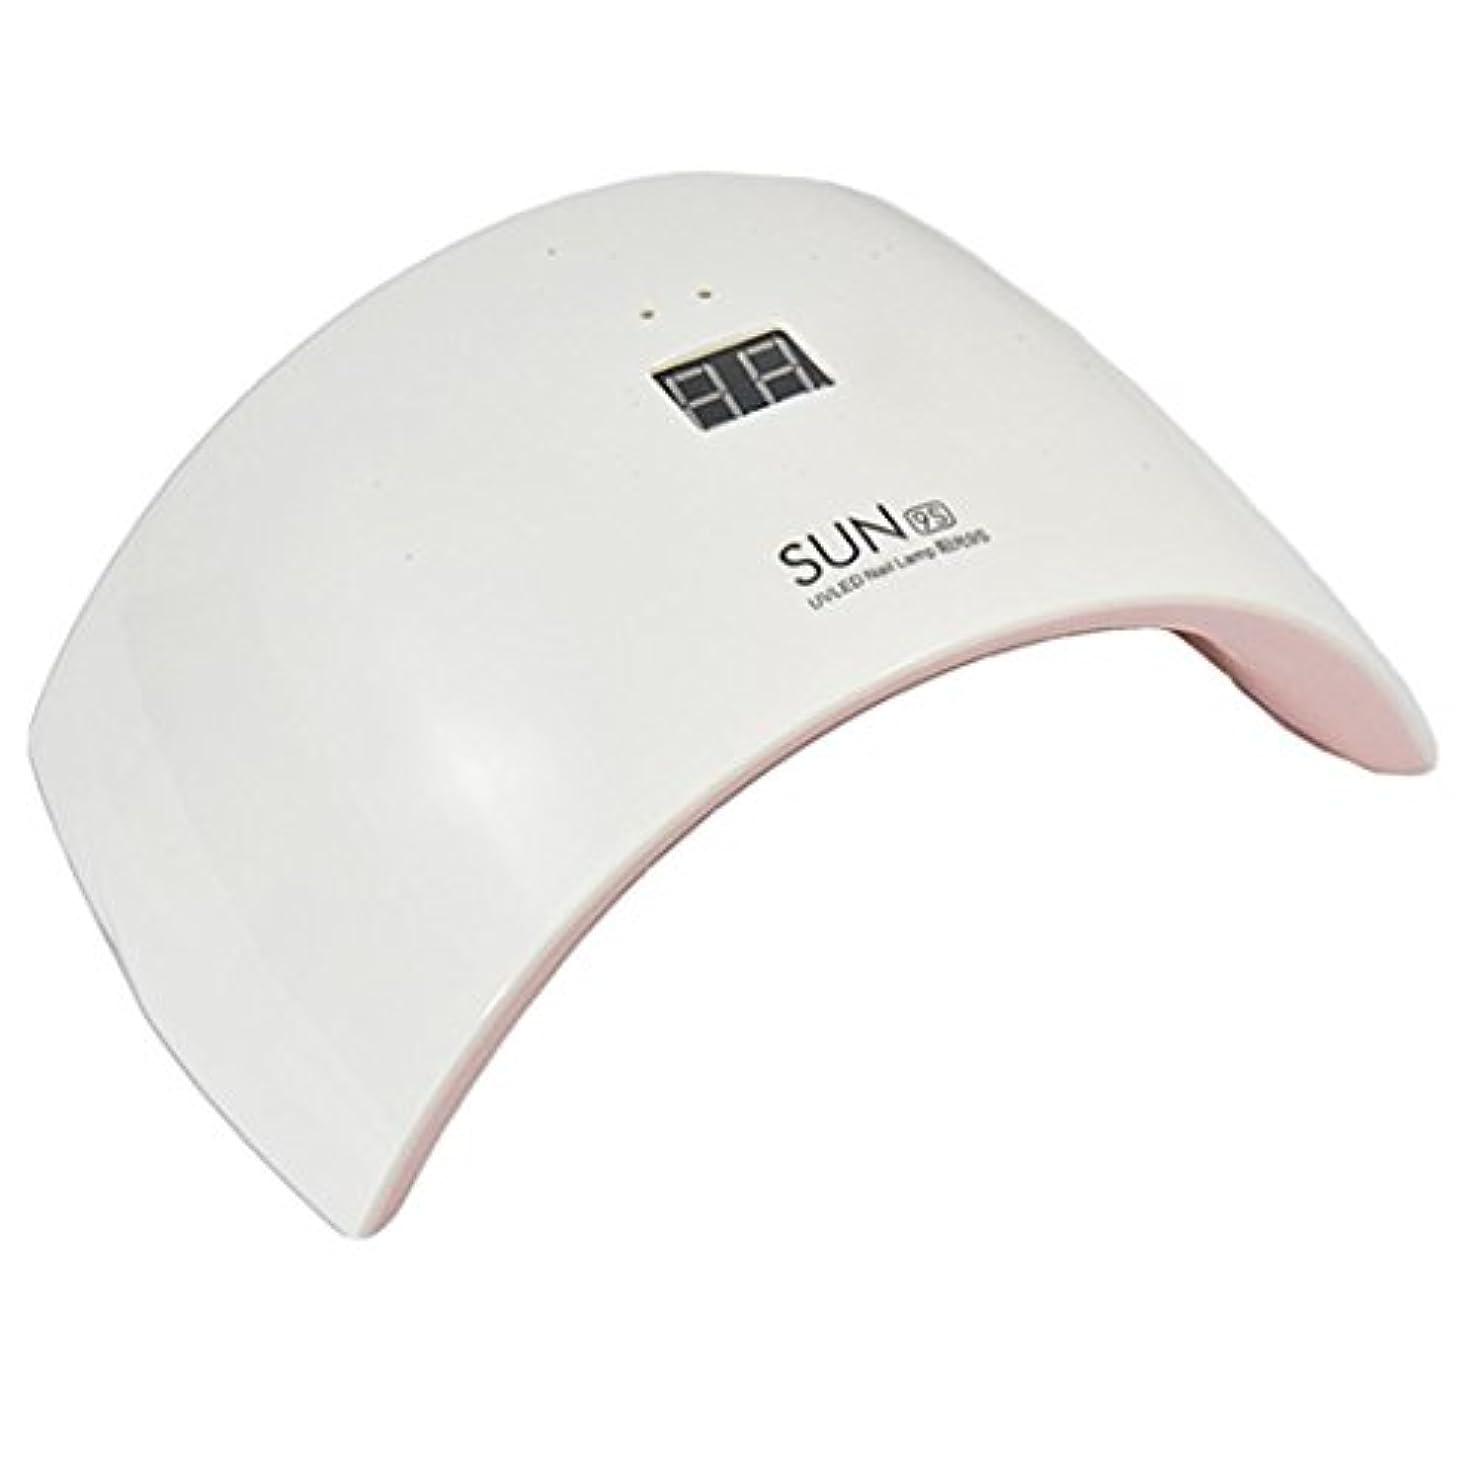 失ベッドを作る専門用語LEDライト ネイル ジェルネイル 24W 2波長SMD型 UVLED